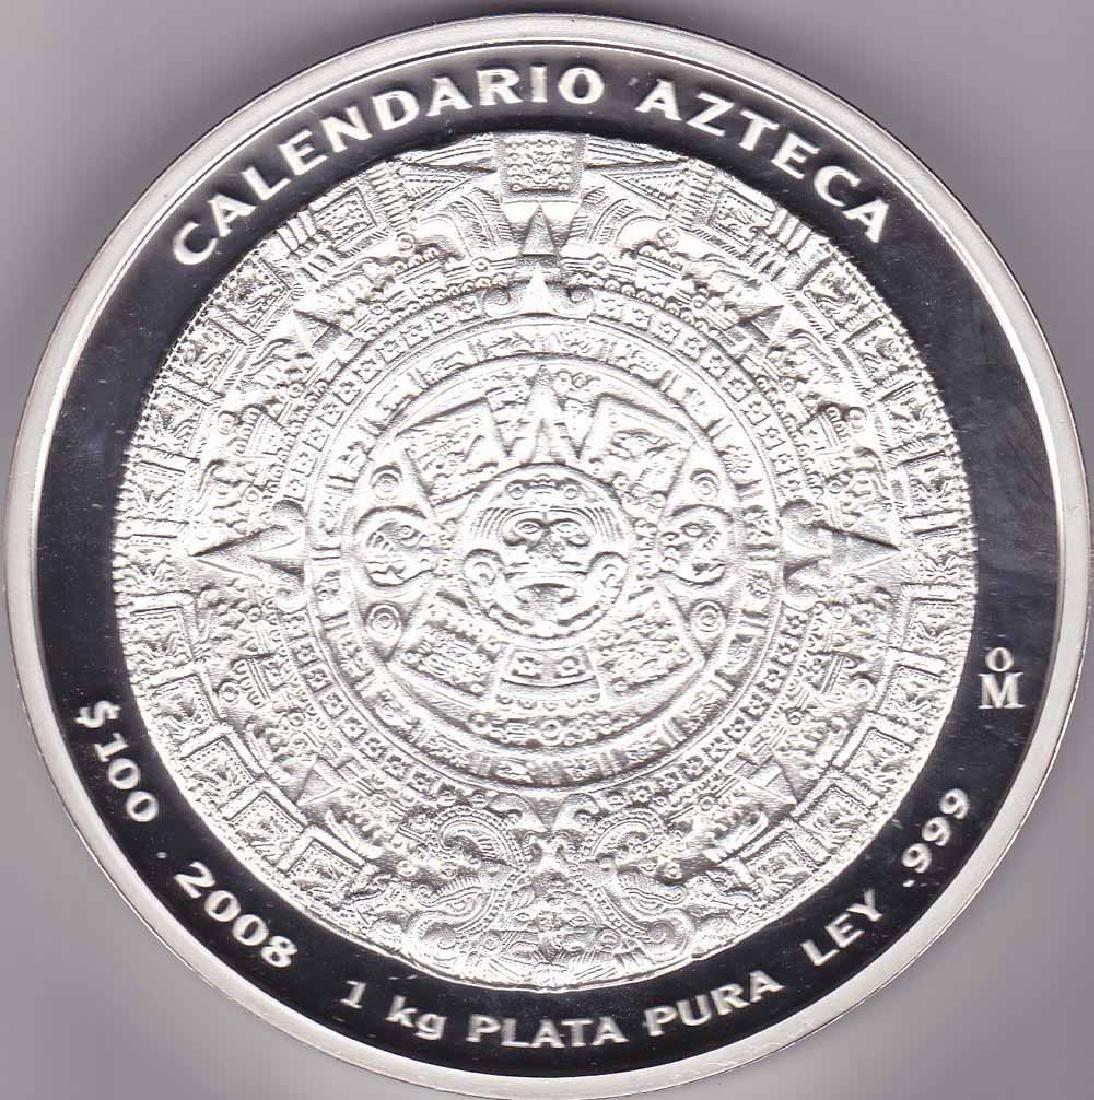 Mexico $100 peso 1 kilo silver Azteca 2009 Calendar Wh